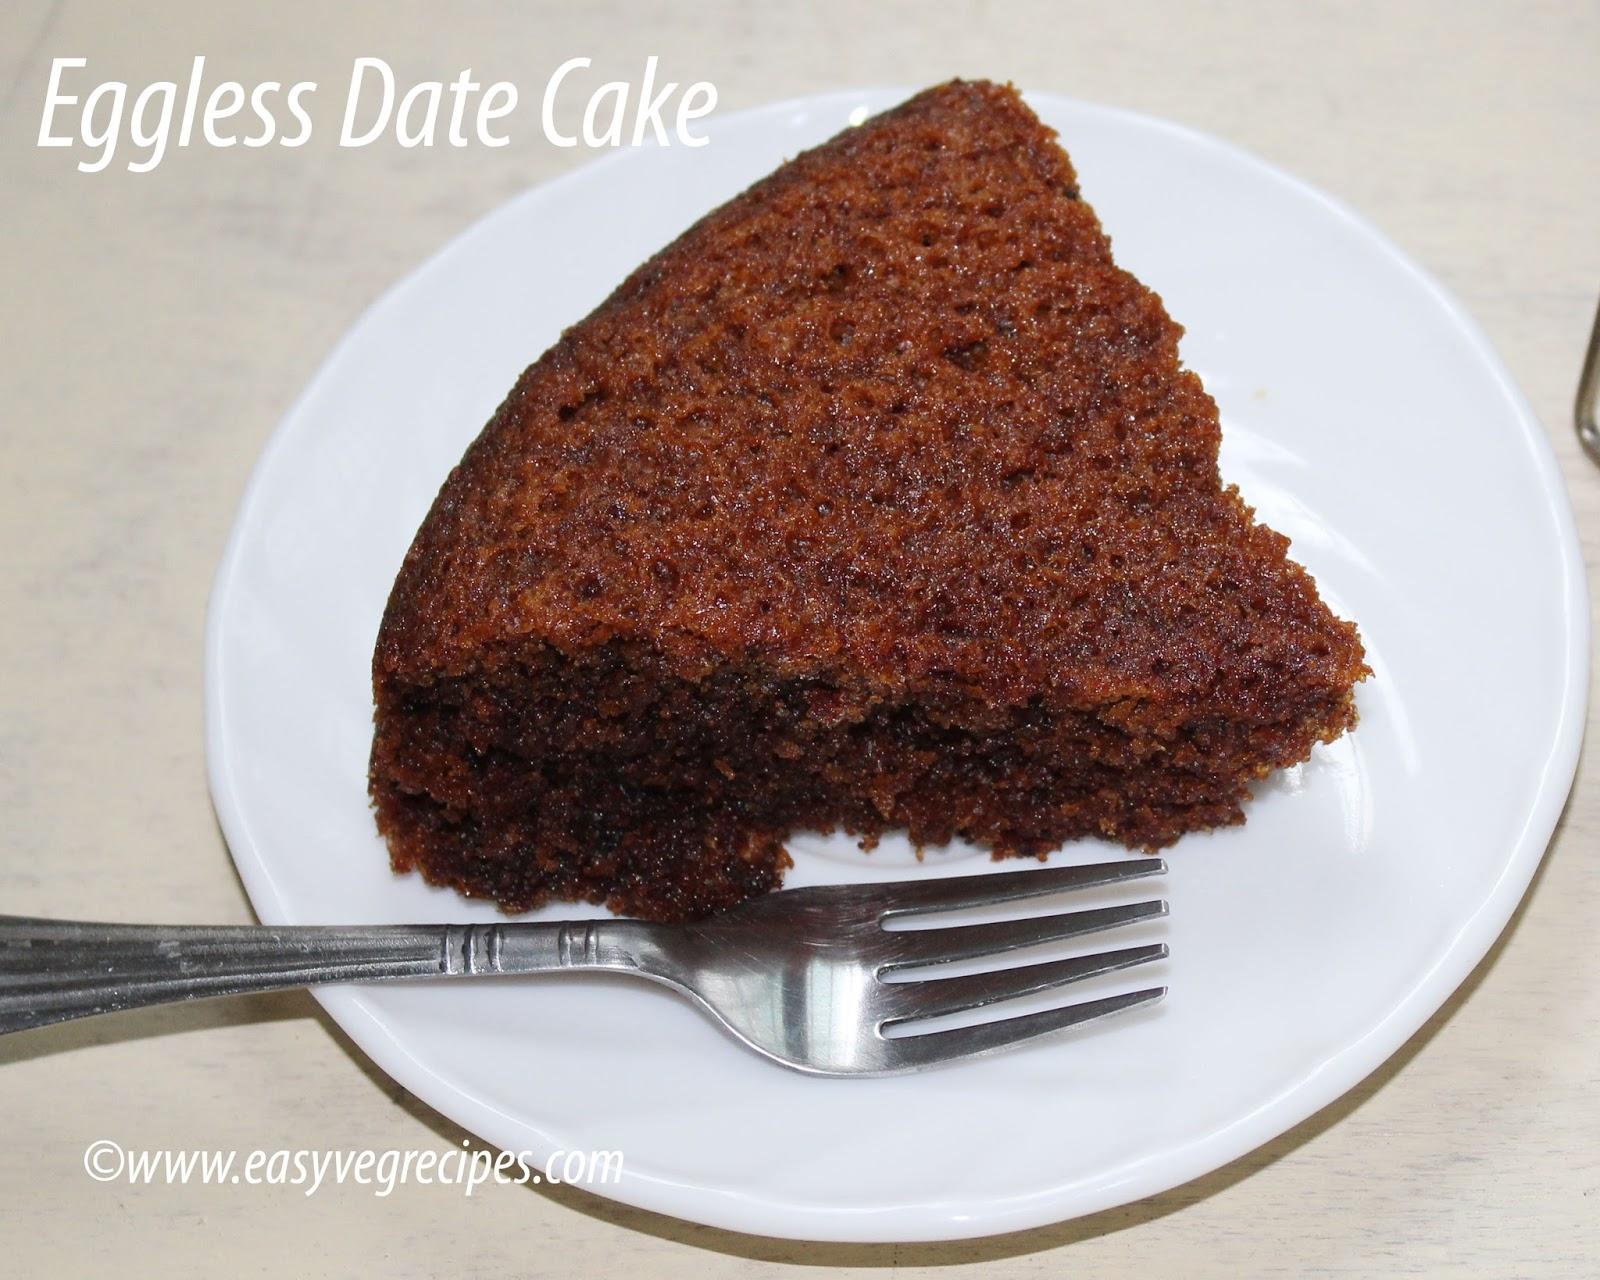 Eggless Date Cake